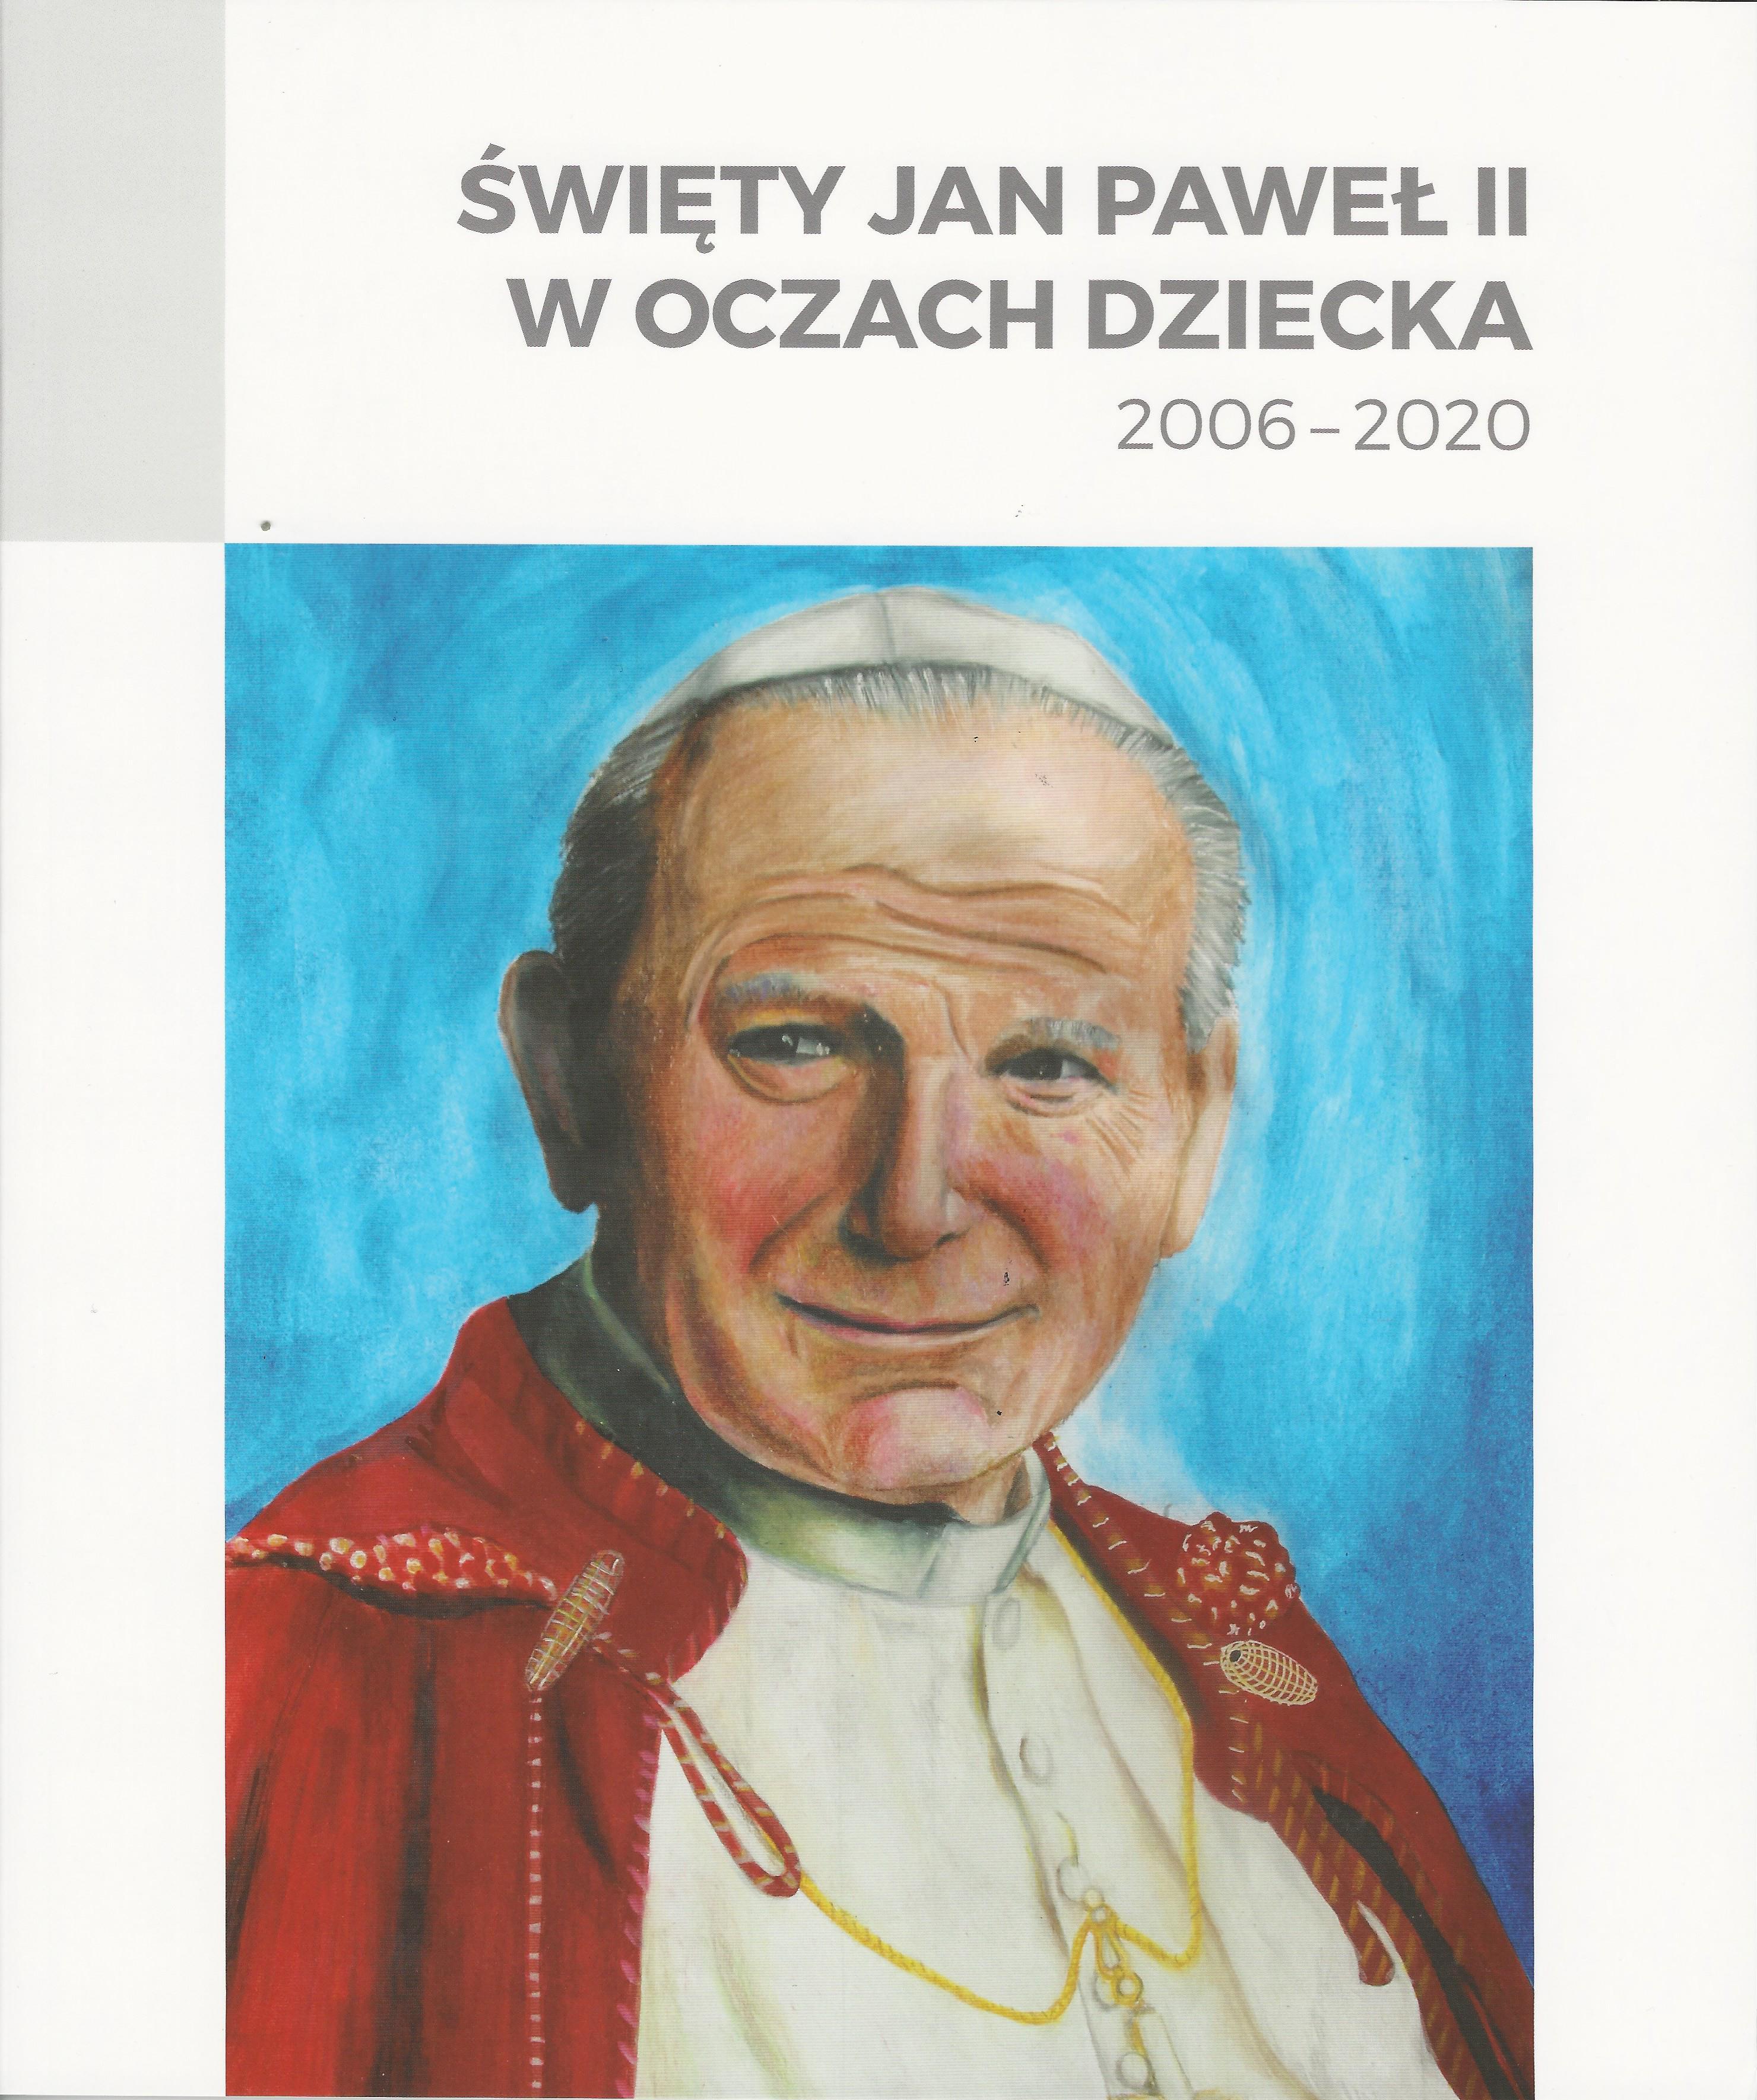 Postać Jana Pawła II w białej sutannie, na ramiona zarzucona czerwona peleryna, na głowie biała piuska. Uśmiecha się.